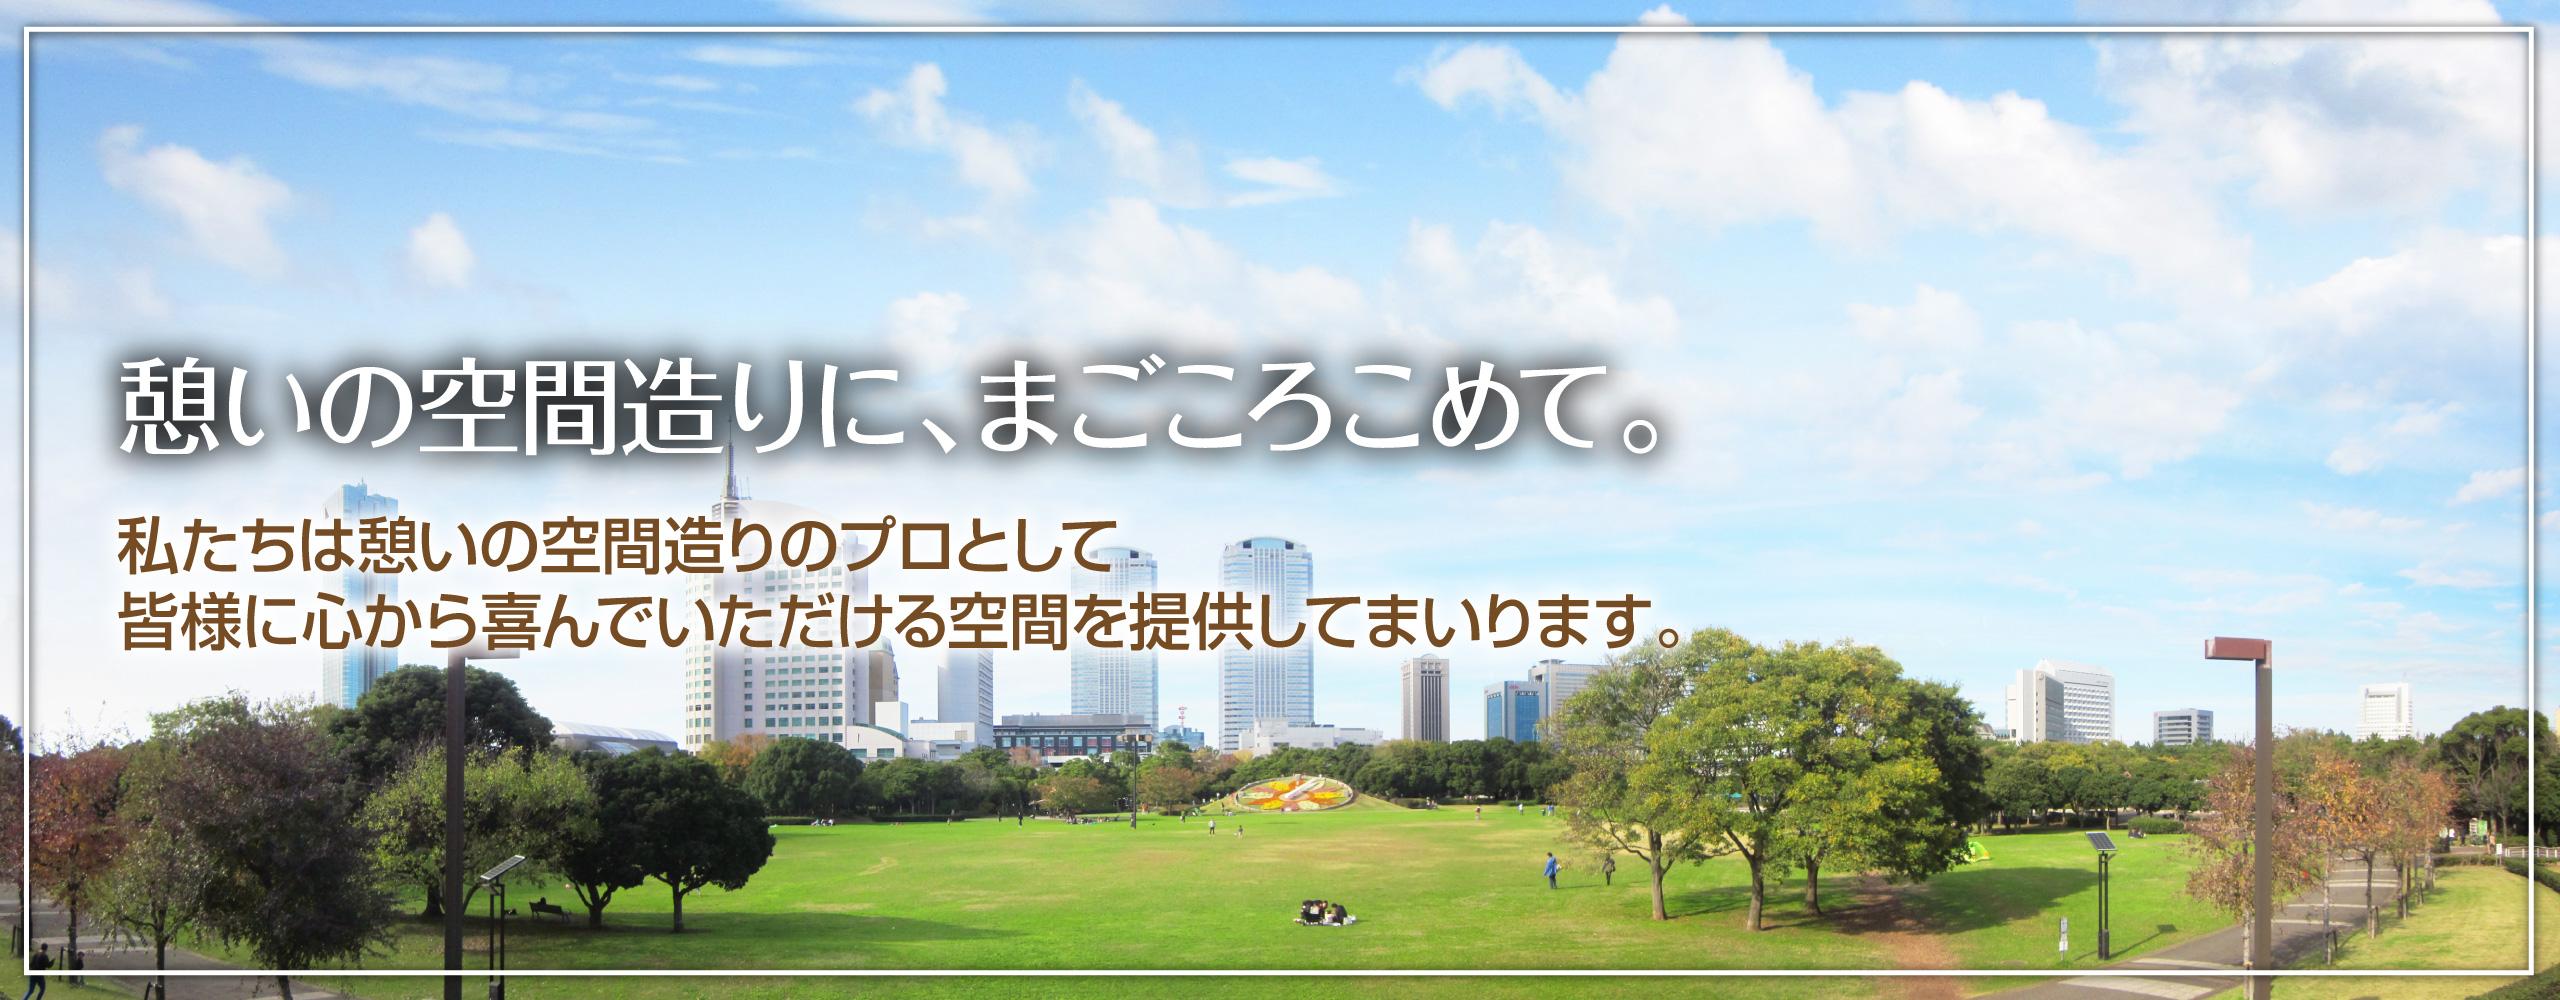 横浜 造園土木施工管理の石井造園株式会社